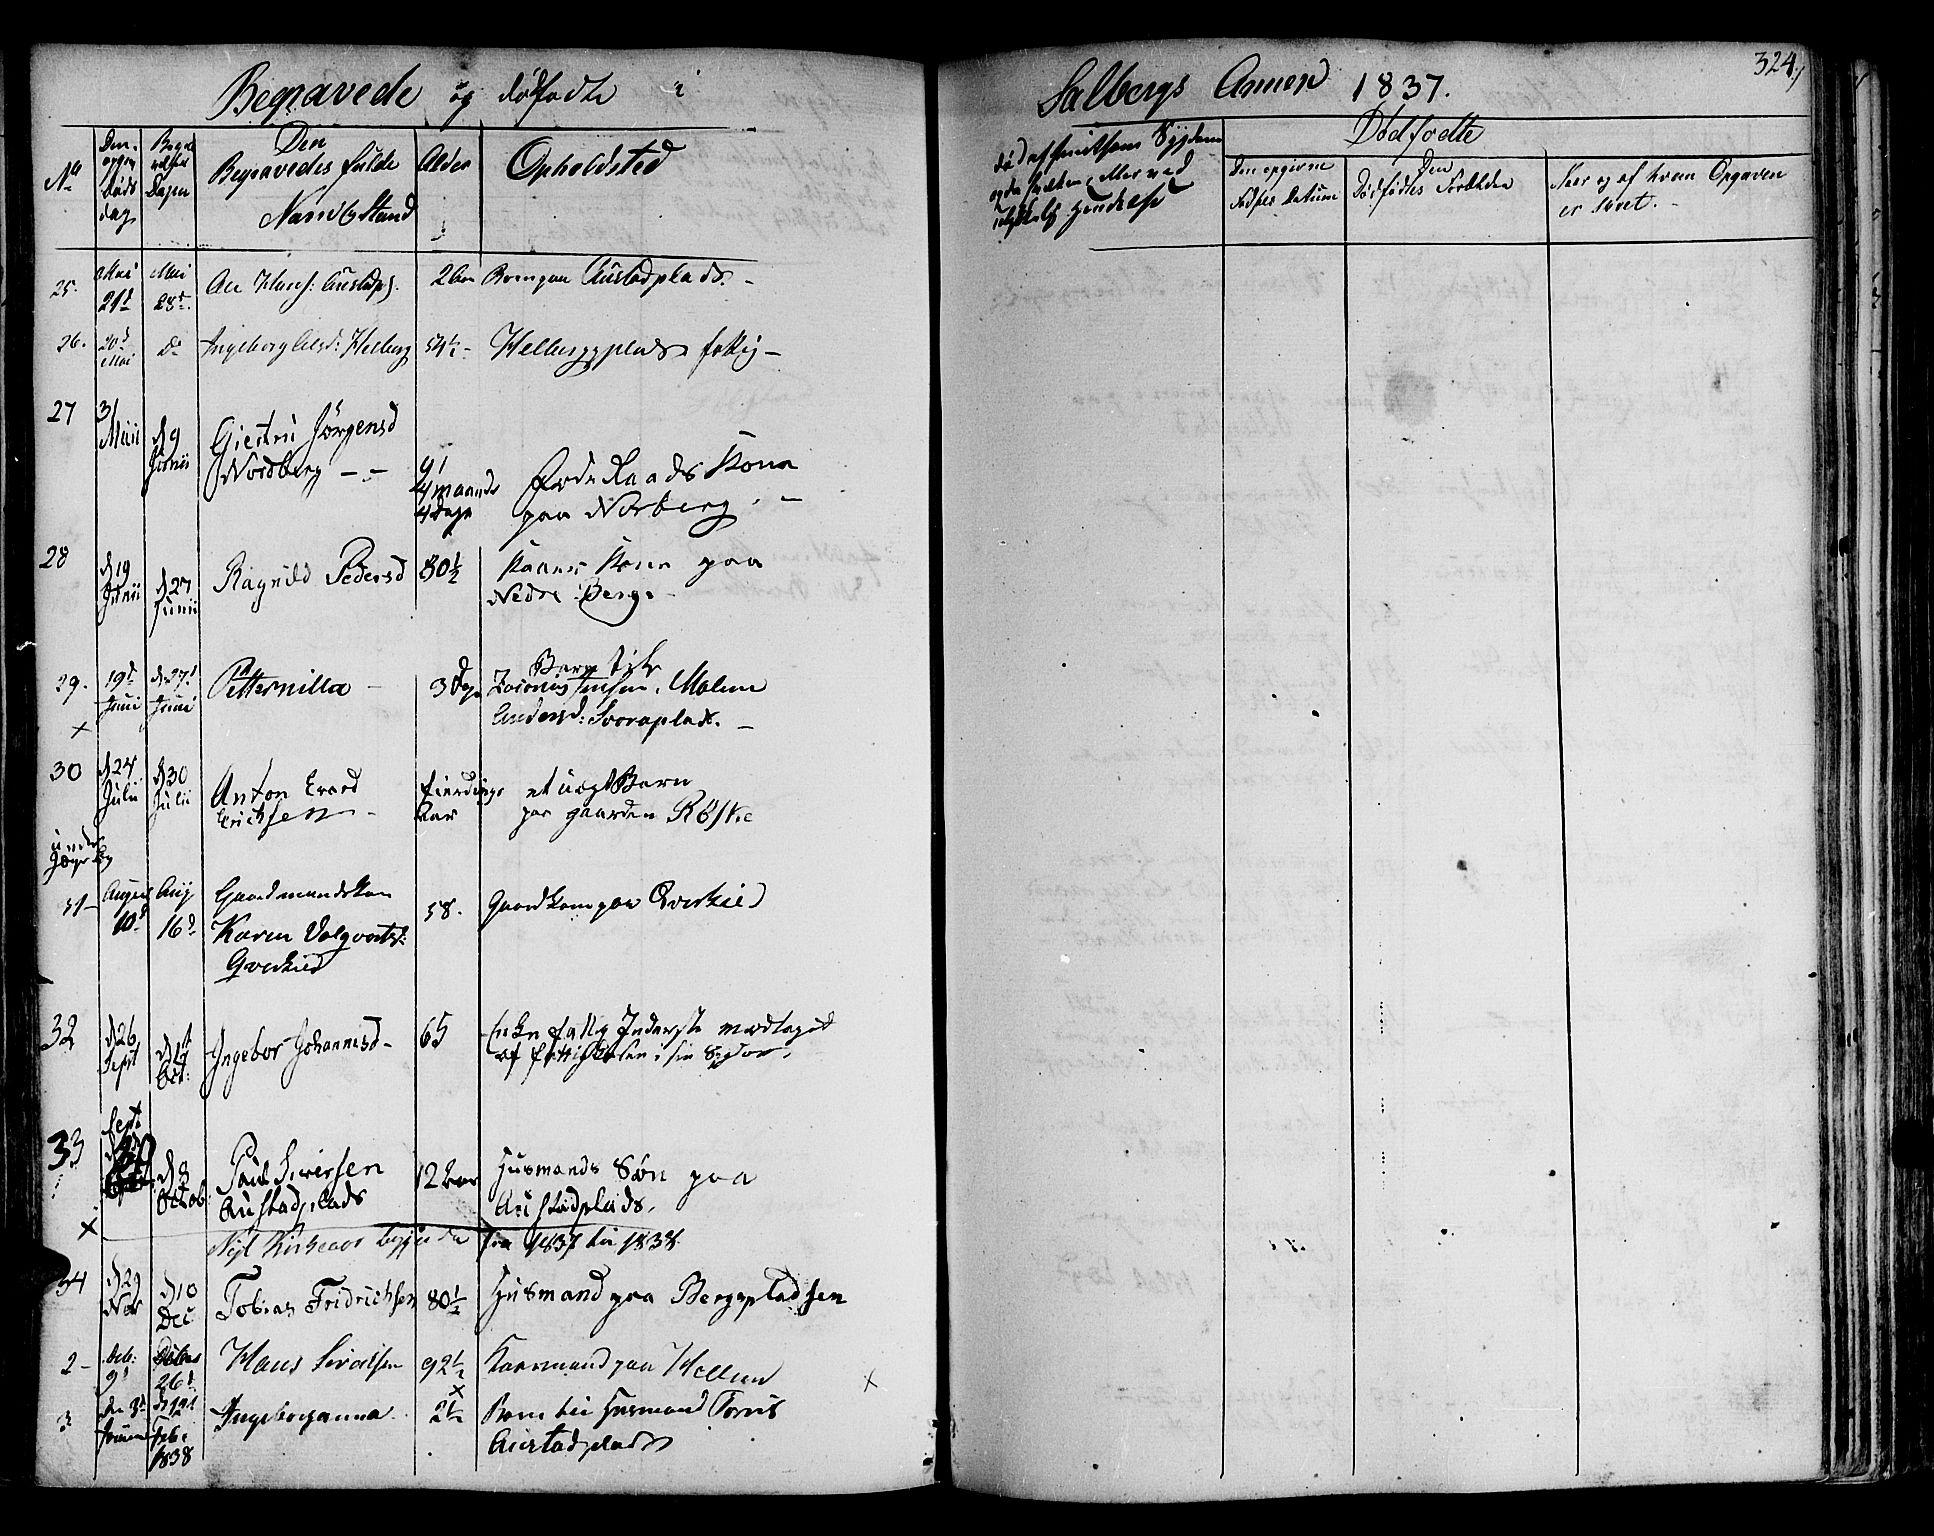 SAT, Ministerialprotokoller, klokkerbøker og fødselsregistre - Nord-Trøndelag, 730/L0277: Ministerialbok nr. 730A06 /2, 1831-1839, s. 324